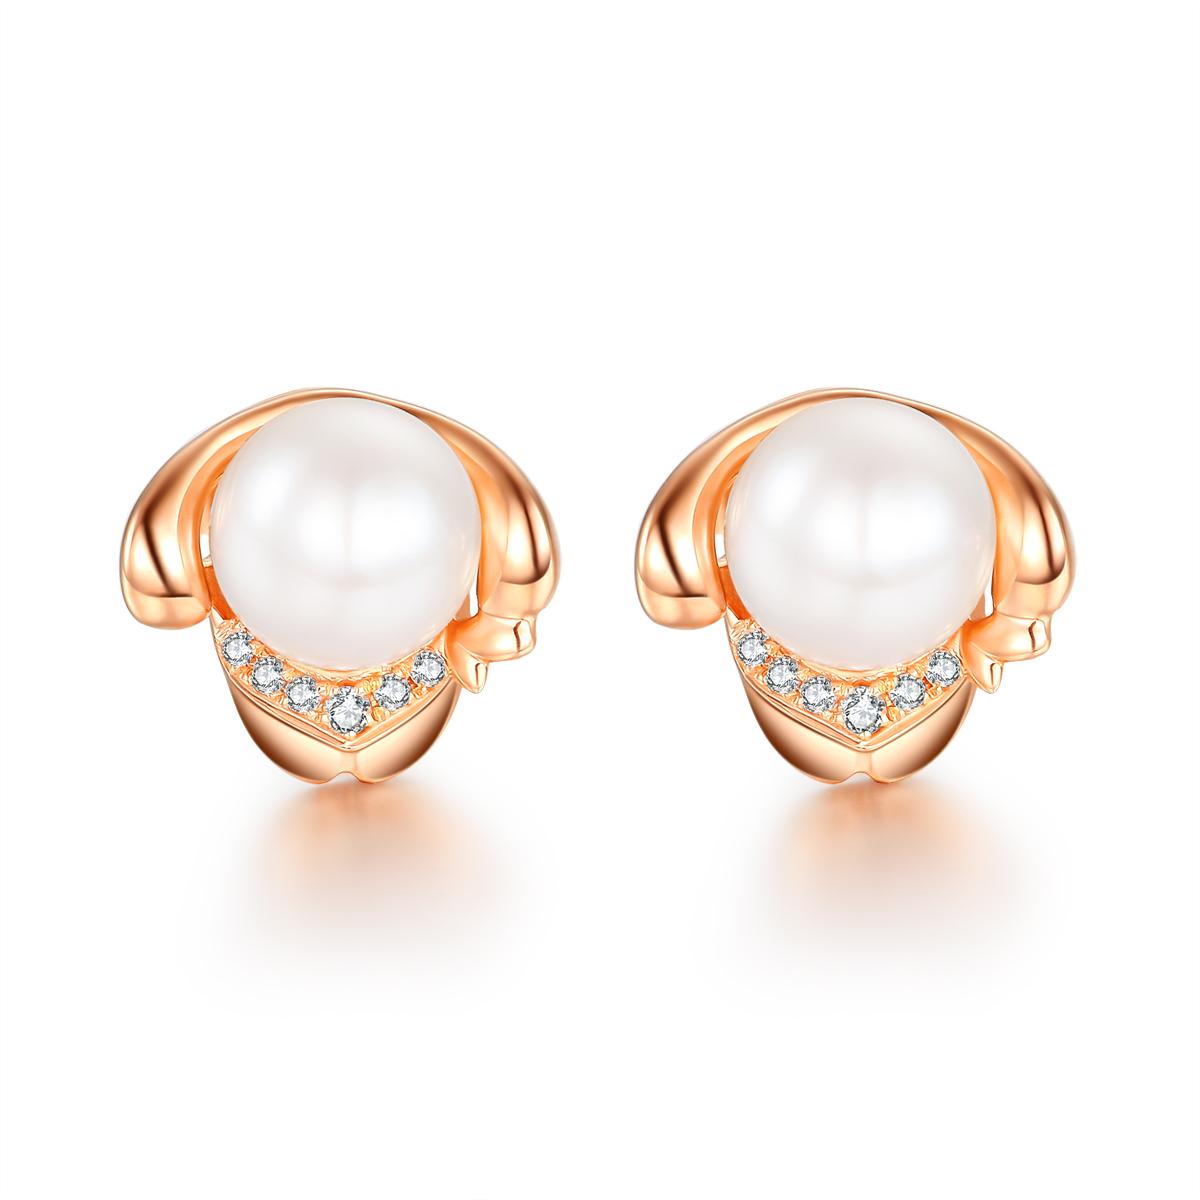 珍珠的保养防护工作需要注意什么